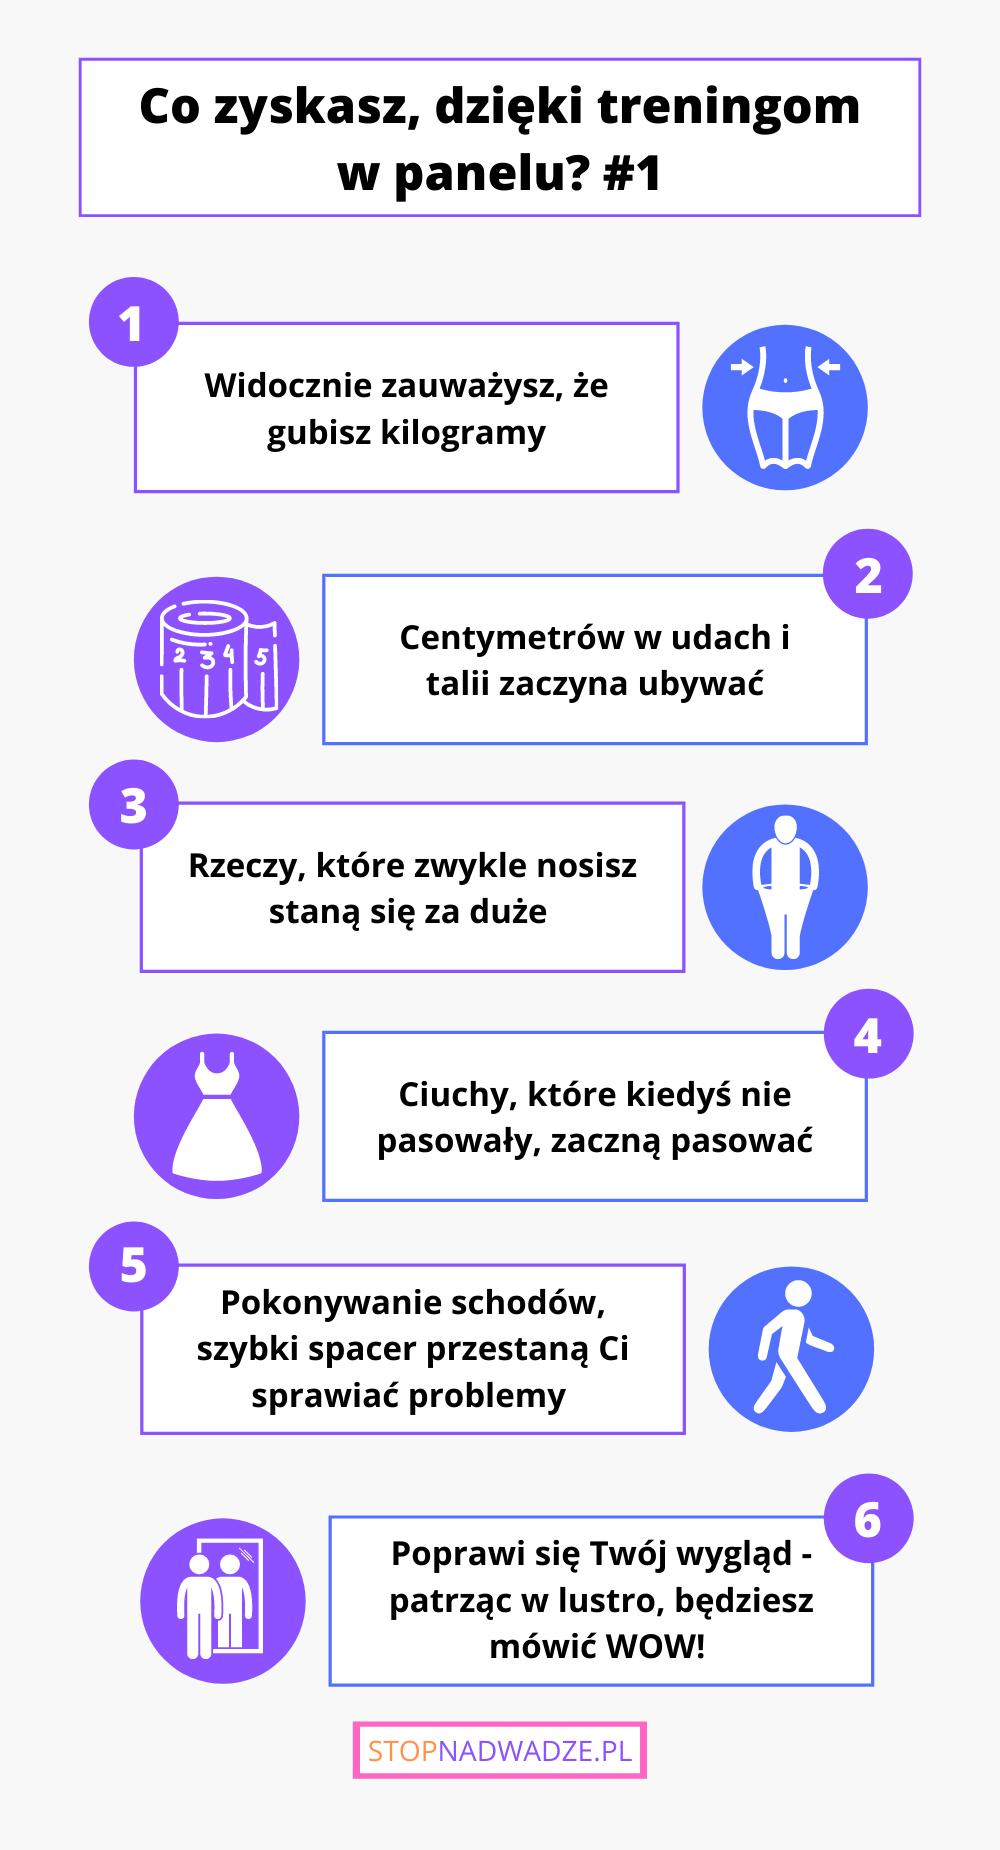 Infografika przedstawiajca powody dlaczego warto uprawiać sport w domu i dbać o swoje zdrowie.